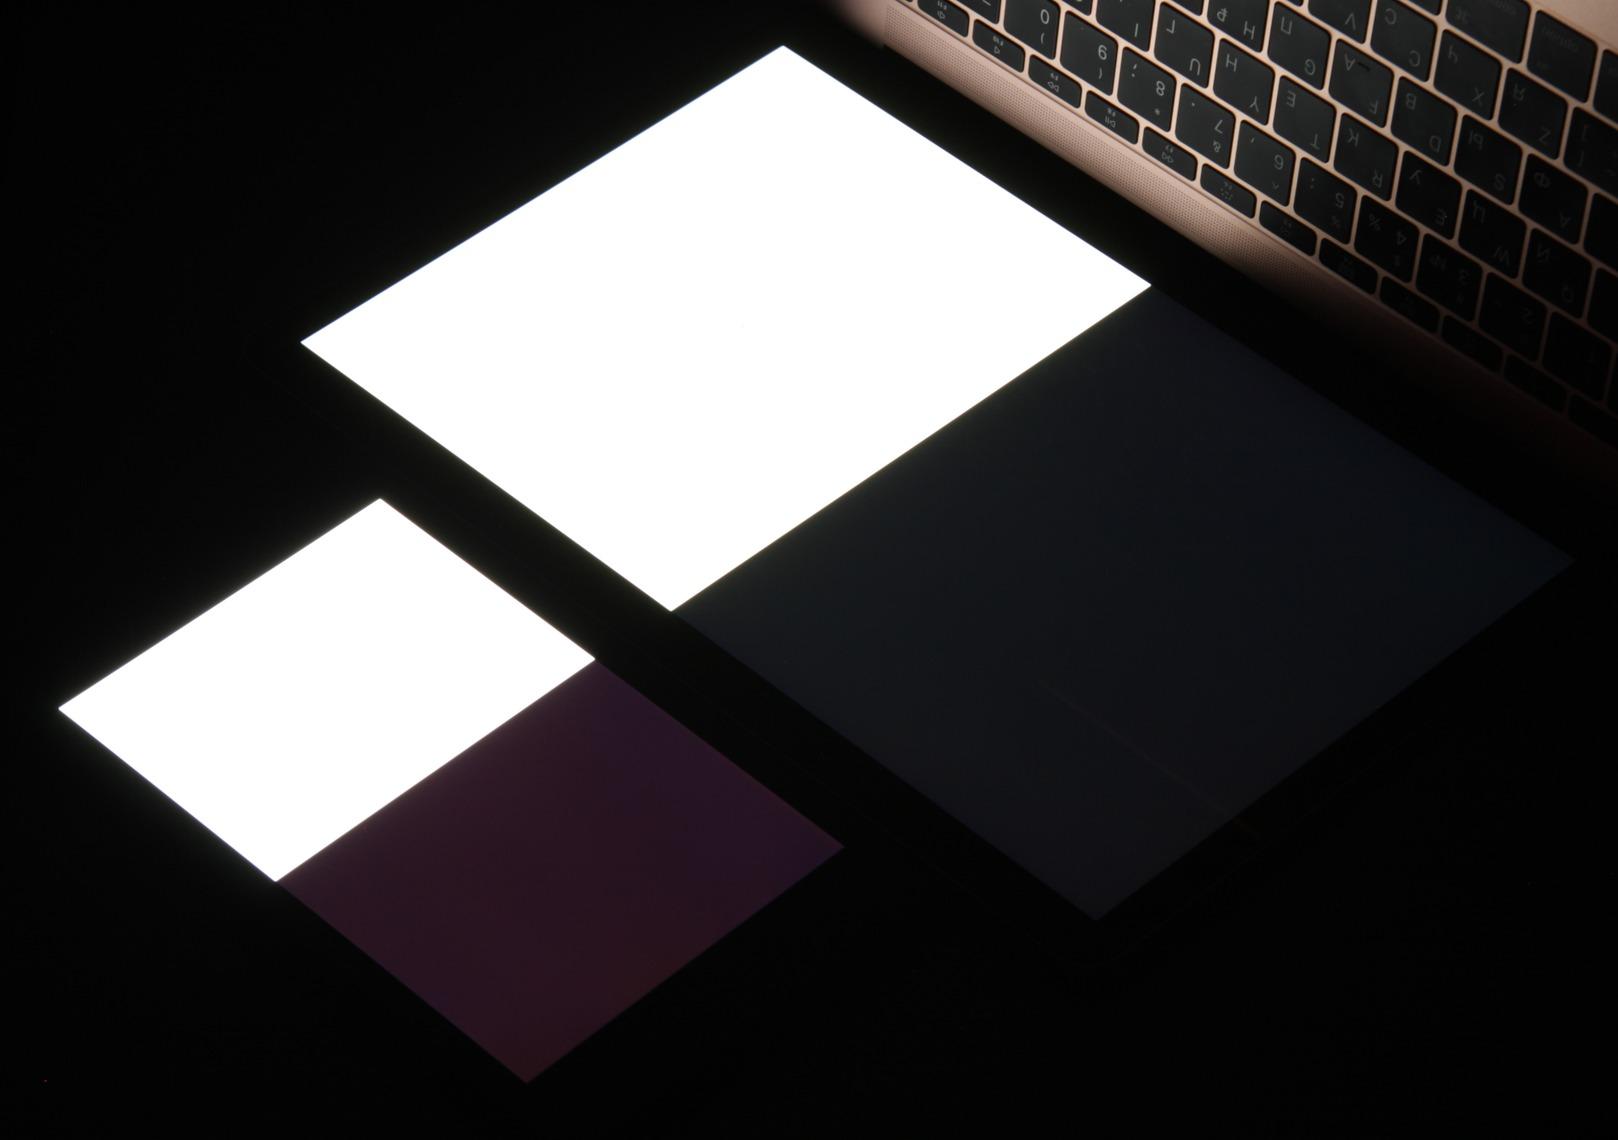 Обзор 12-дюймового MacBook (2016) - экран (5)